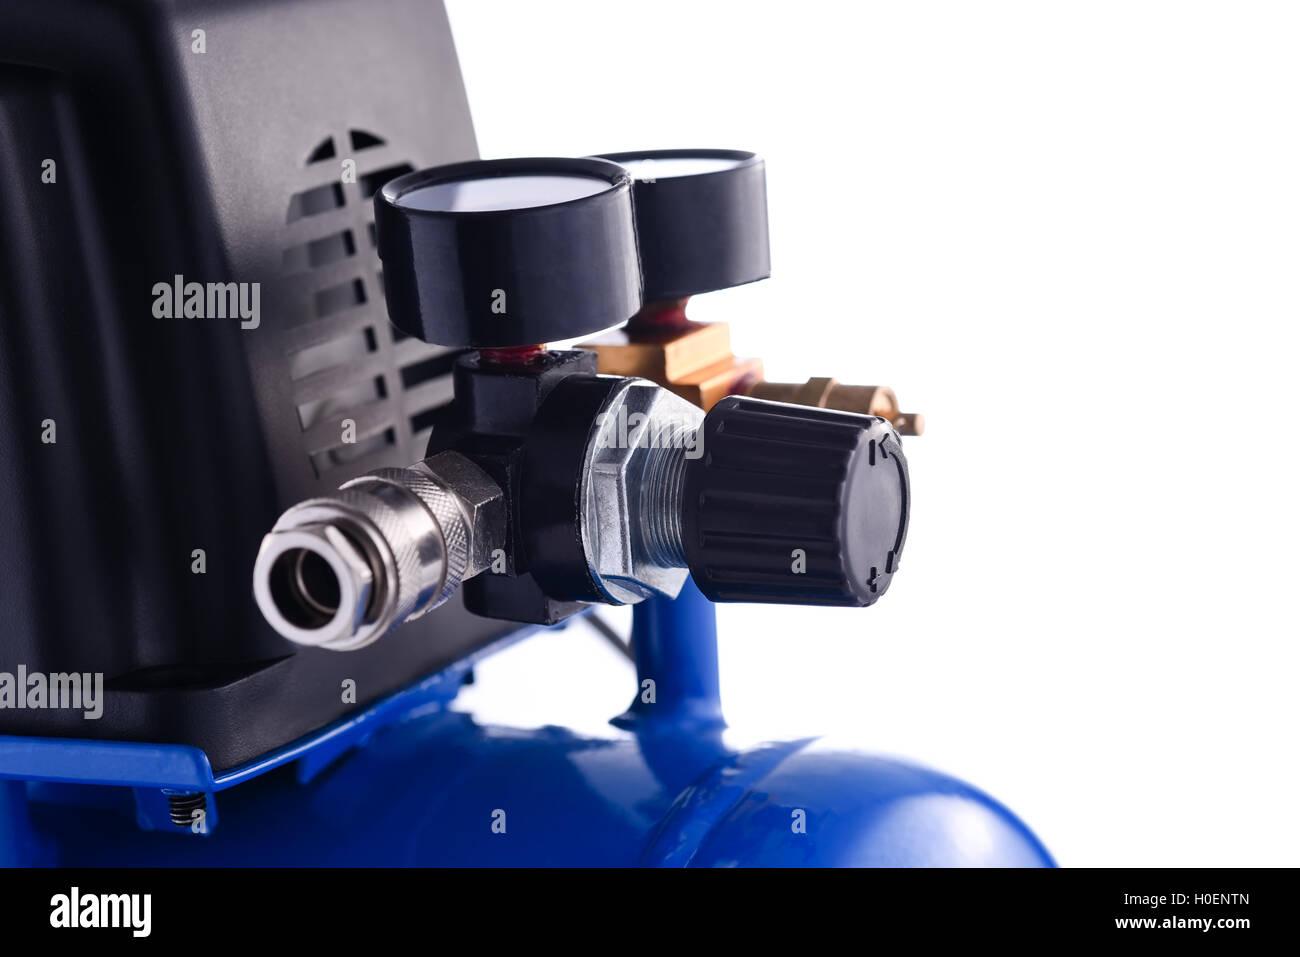 Mini blu compressore manometro dettagli isolati su sfondo bianco Immagini Stock